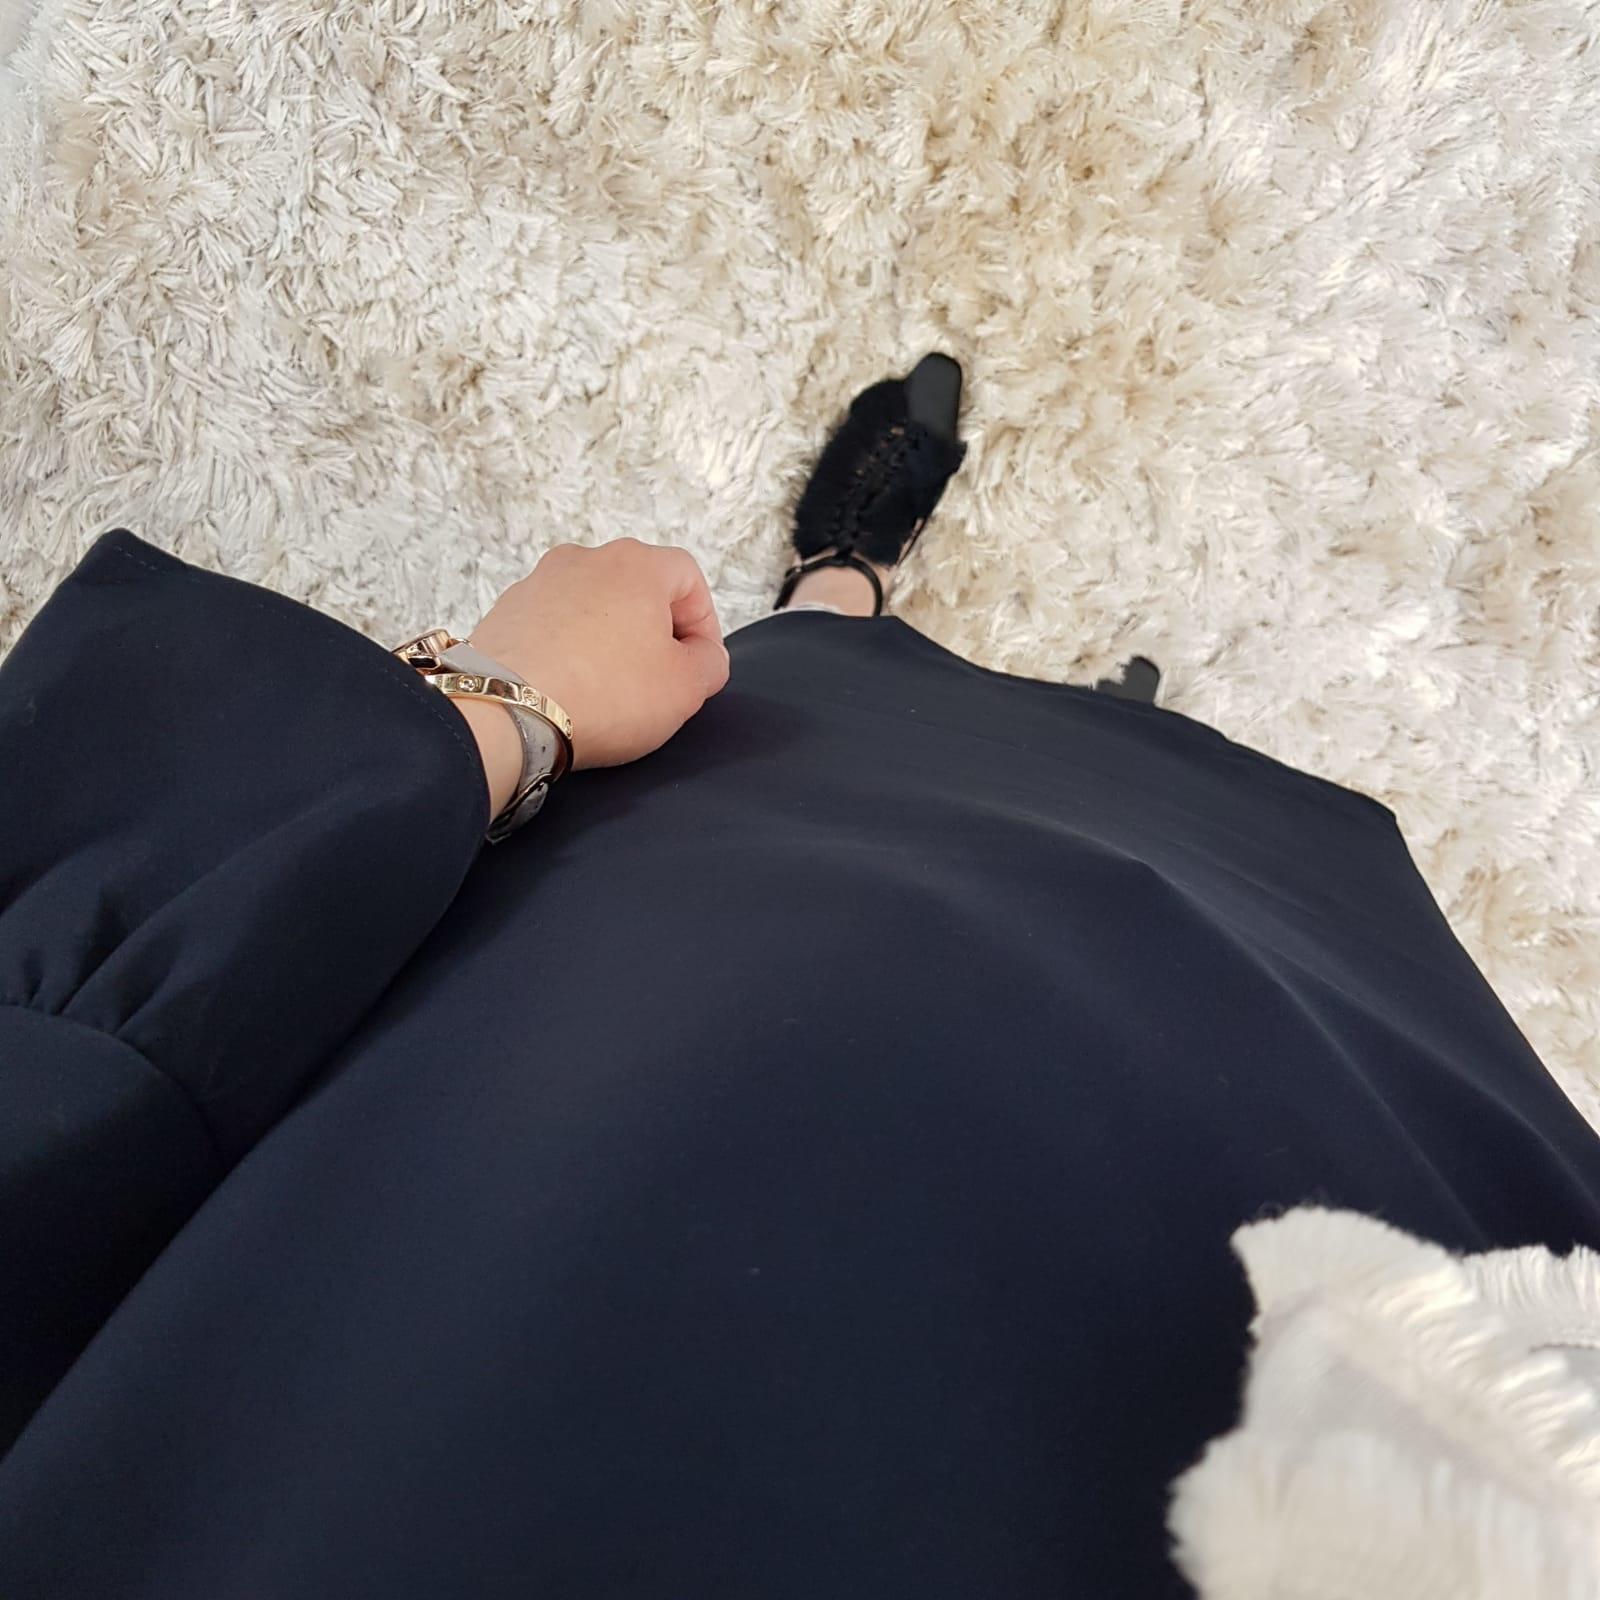 Tuniek pozzuoli zwart